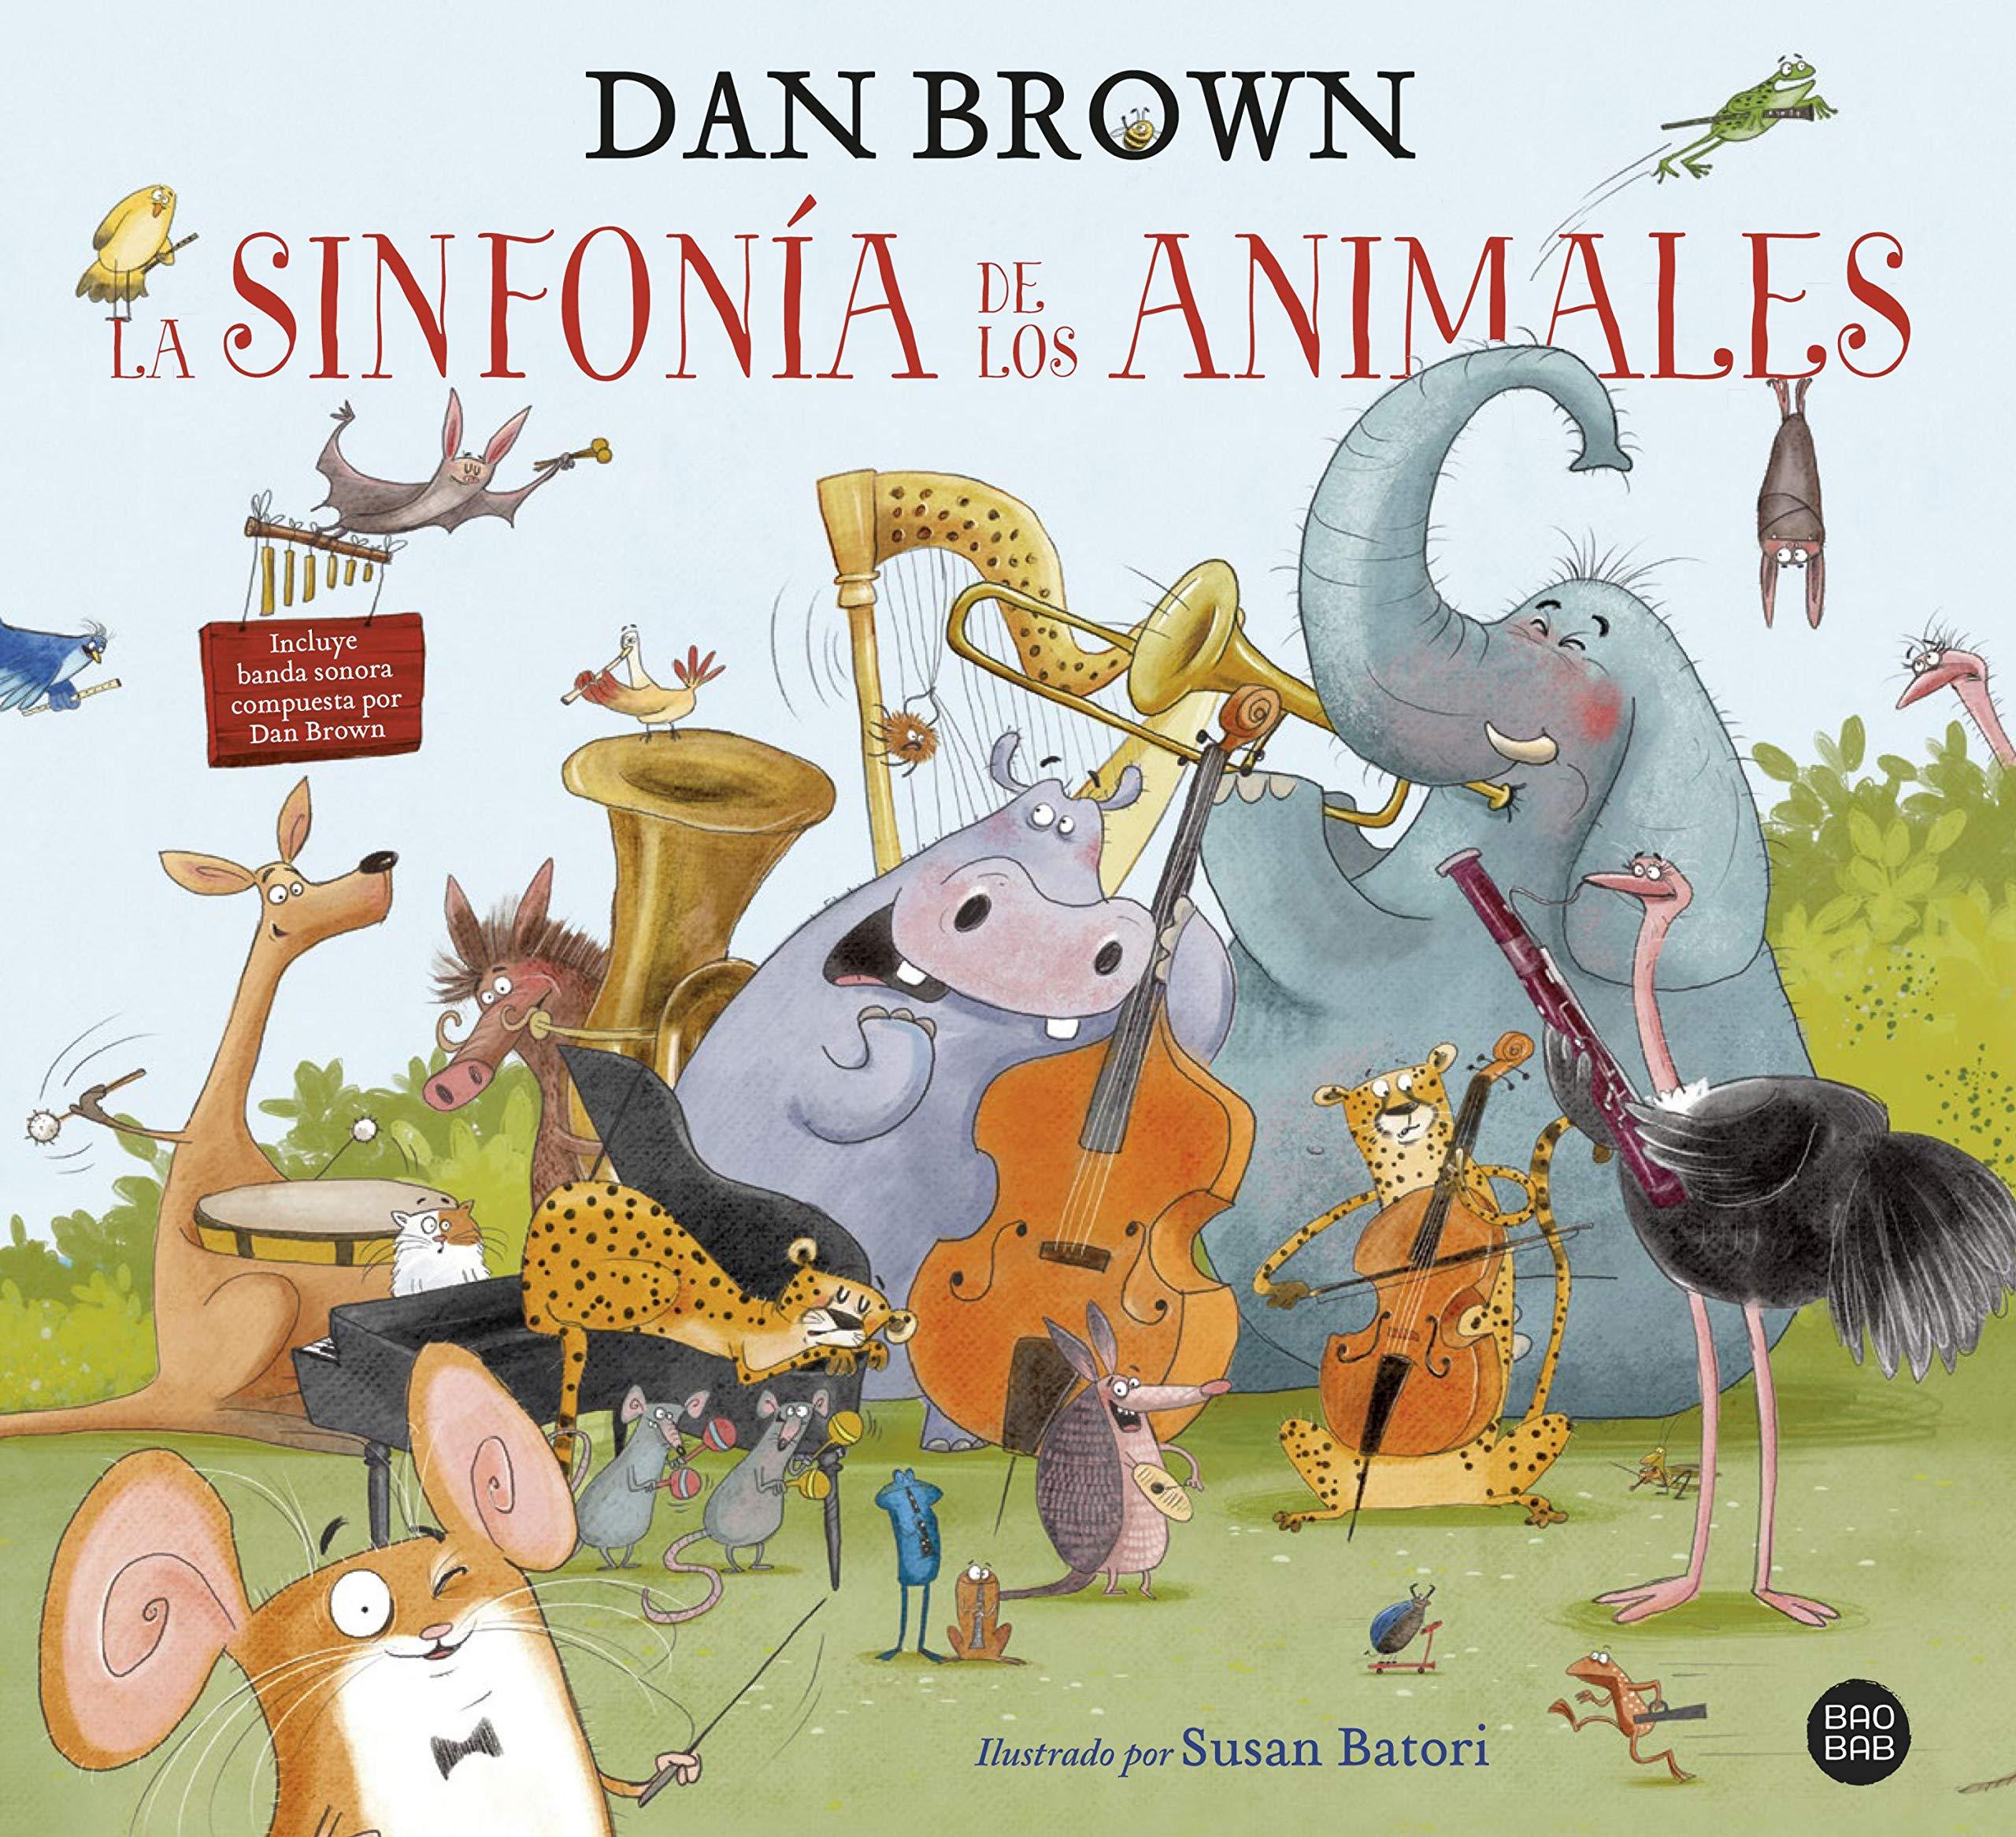 La sinfonía de los animales, Dan Brown